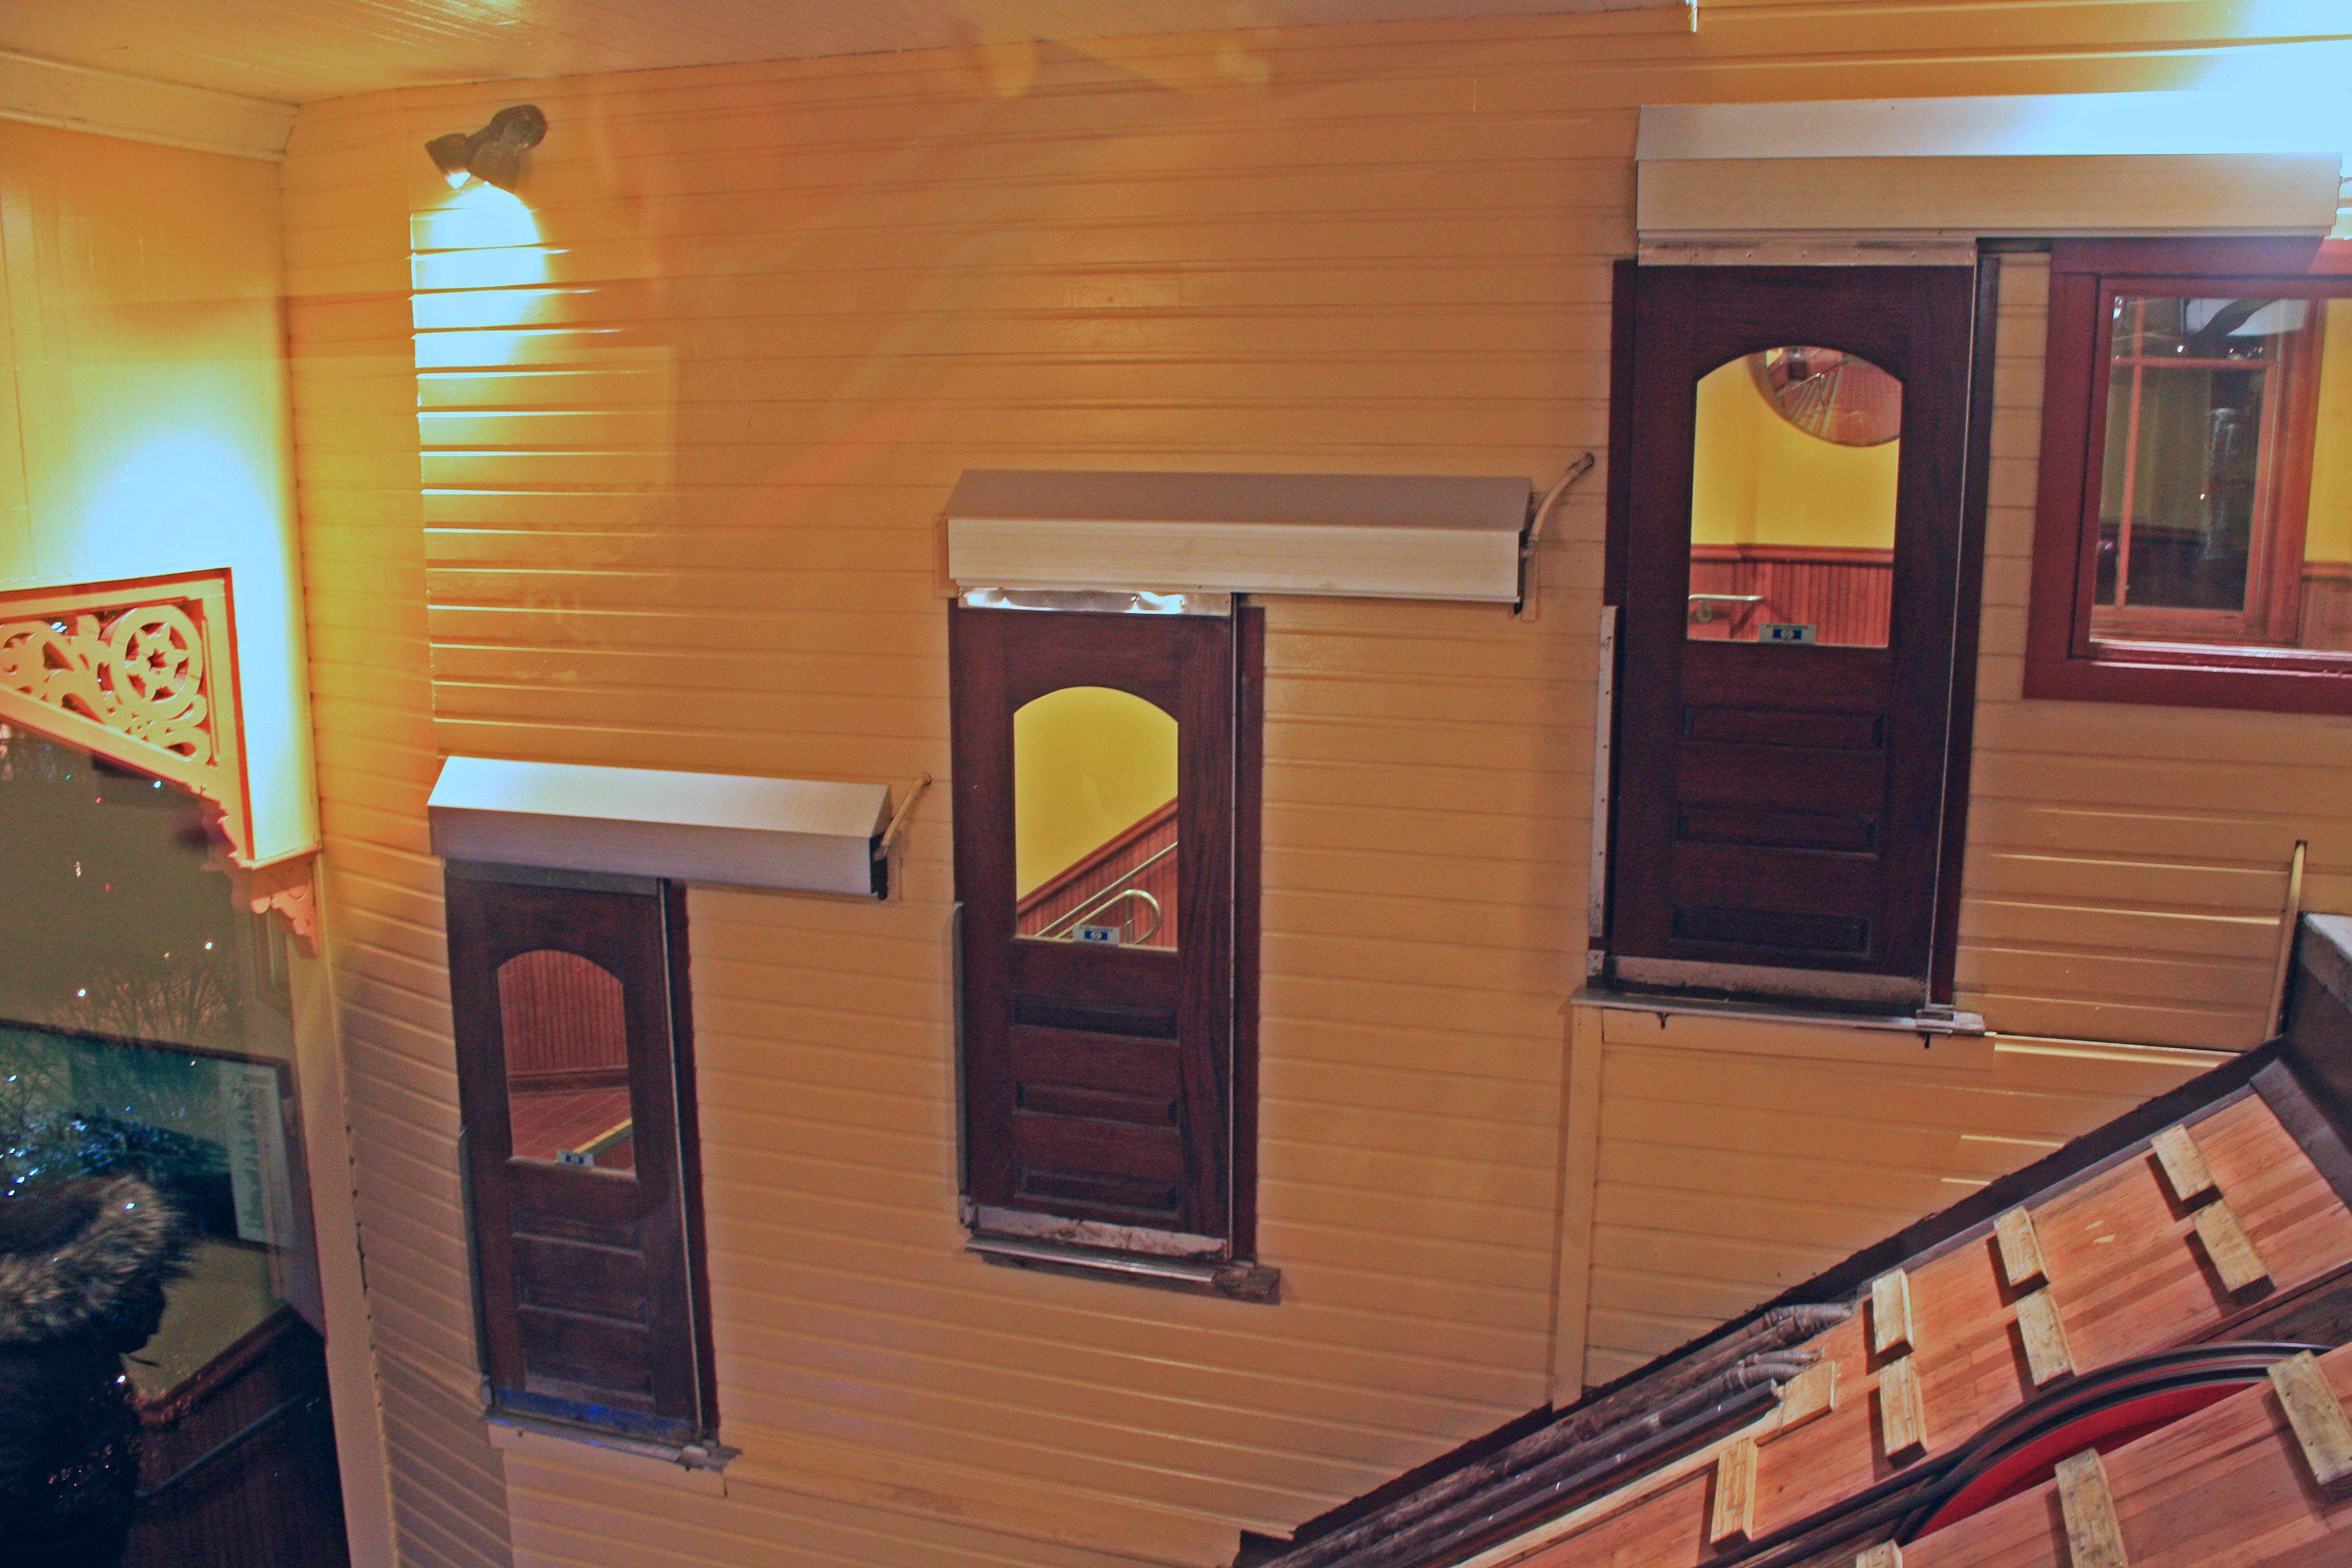 Incline Ingress/Egress Doors at Top Sta. of Mon. Incline 1/ & Incline Ingress/Egress Doors at Top Sta. of Mon. Incline 1/2/16 ...